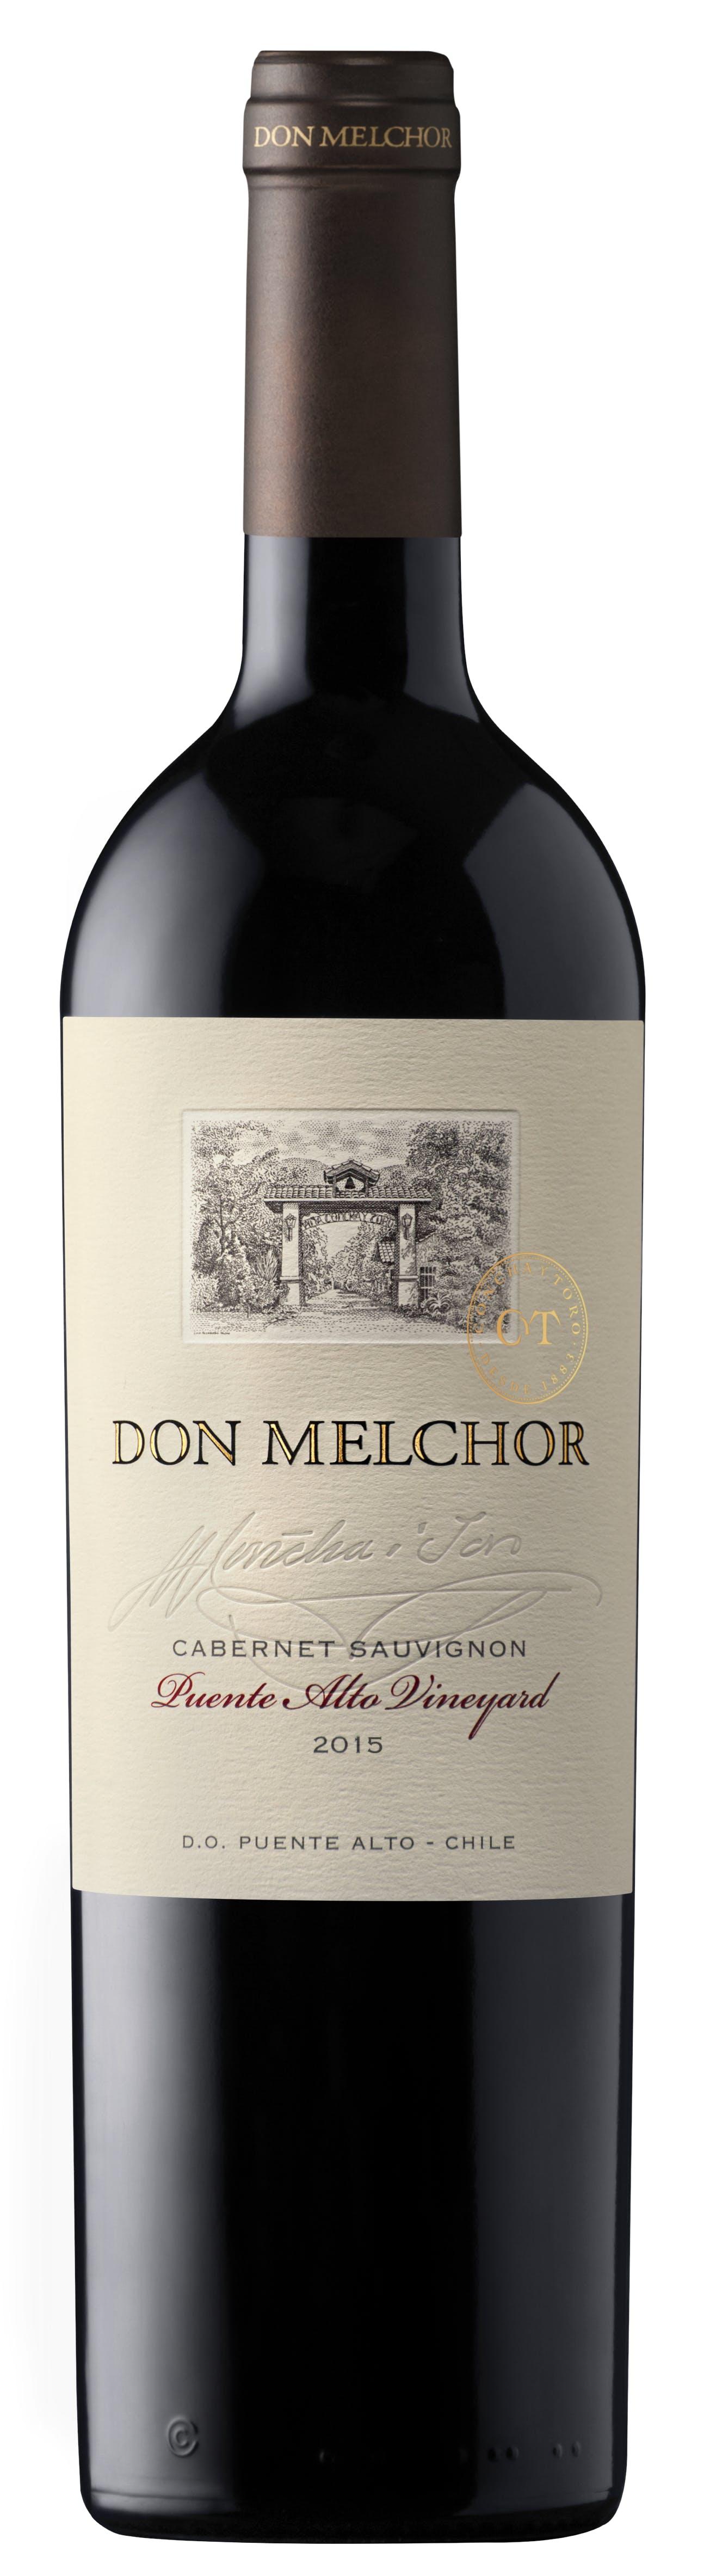 Concha Y Toro Don Melchor Cabernet Sauvignon 2015